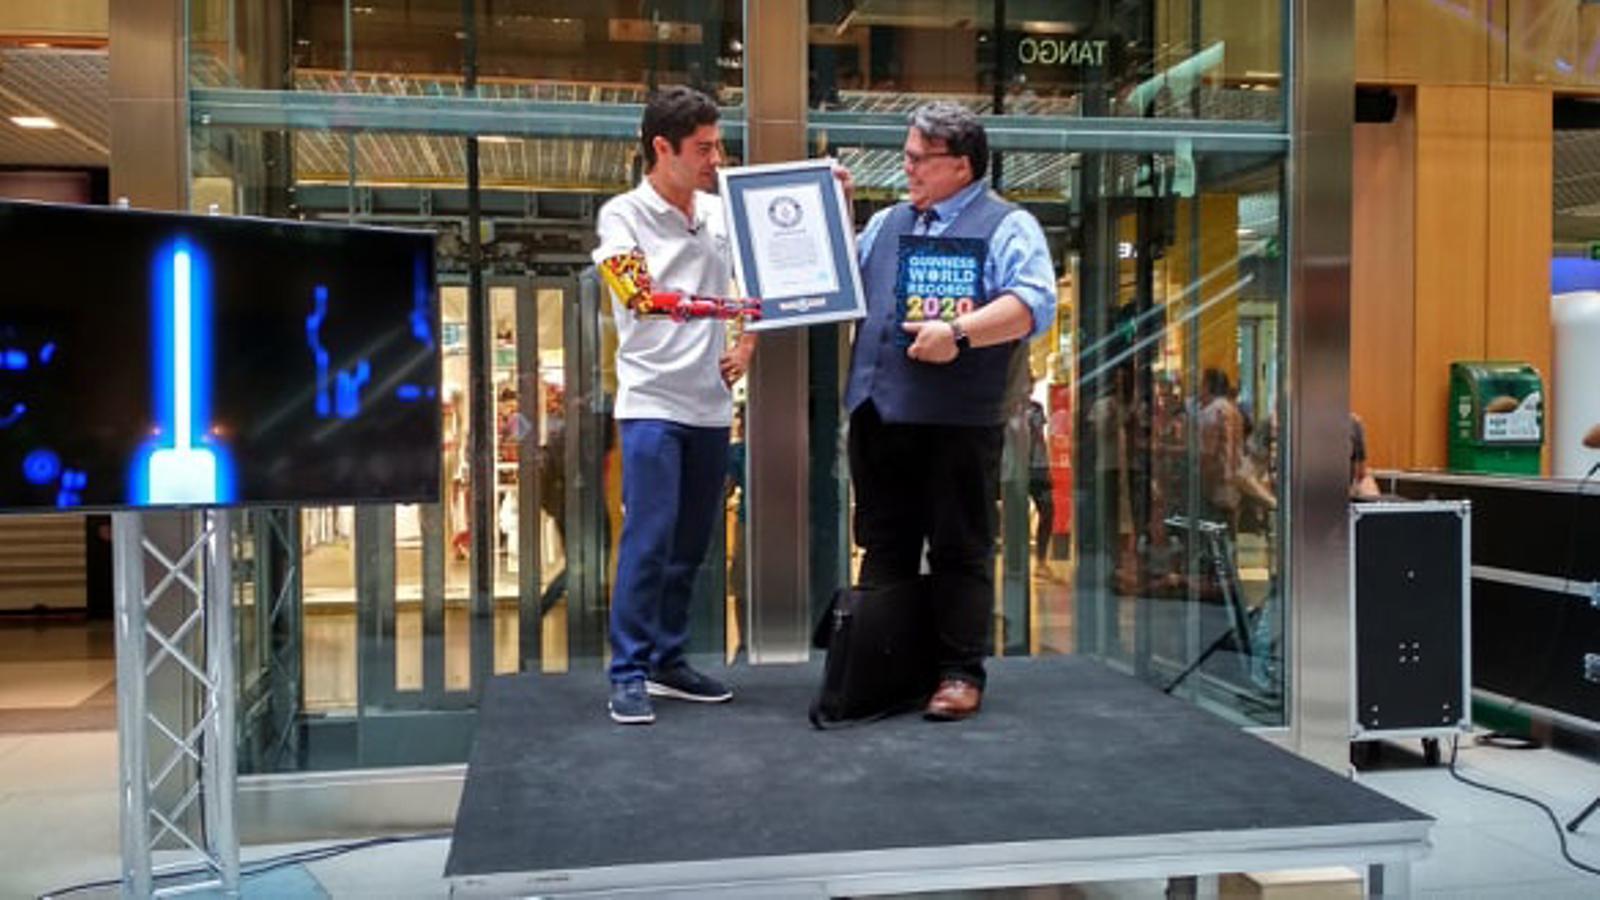 El jove andorrà David Aguilar rep l'acreditació per haver assolit un rècord Guiness. / T. N.